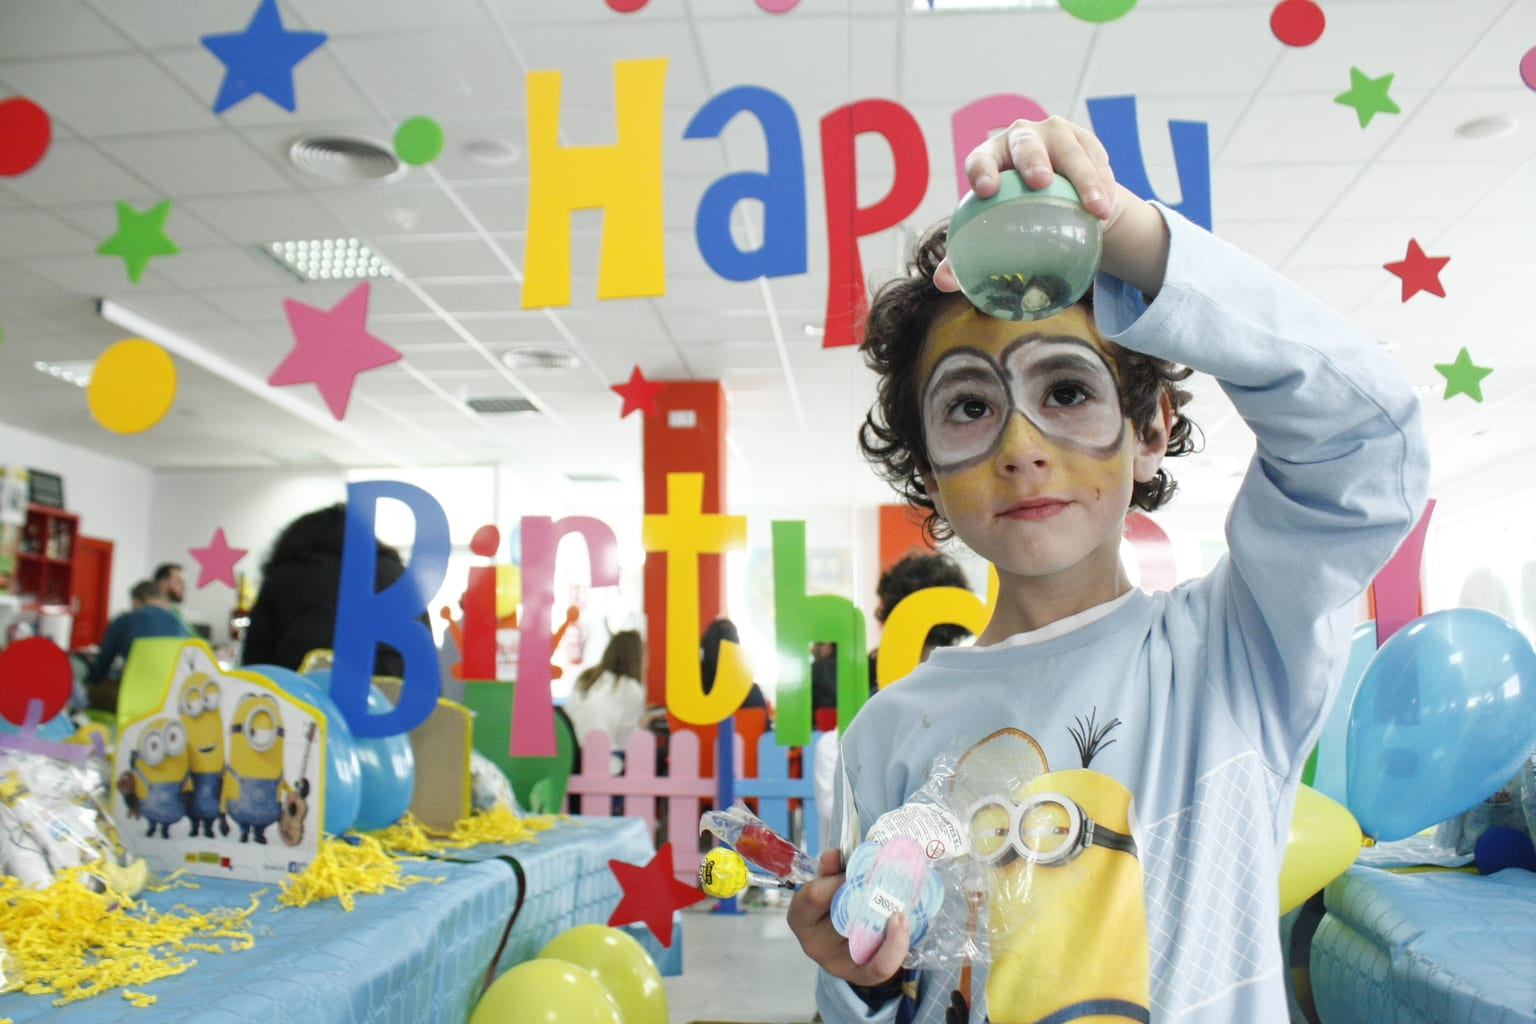 Fotografía de un niño jugando en fiesta de cumpleaños